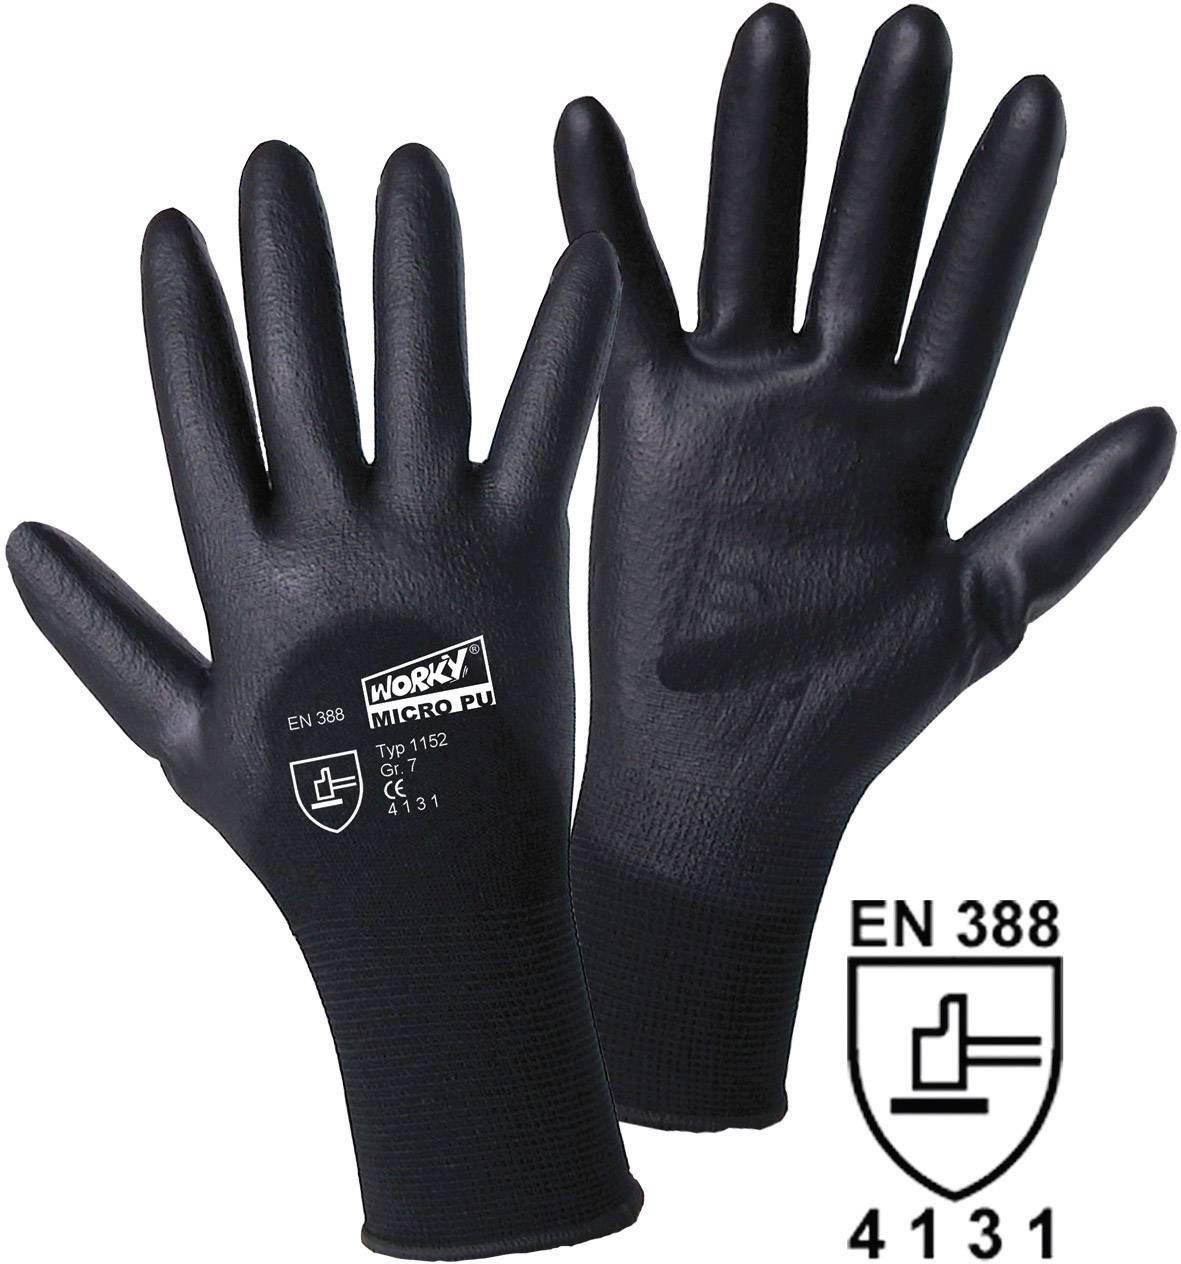 Pracovné rukavice L+D worky MICRO black 1152, velikost rukavic: 10, XL